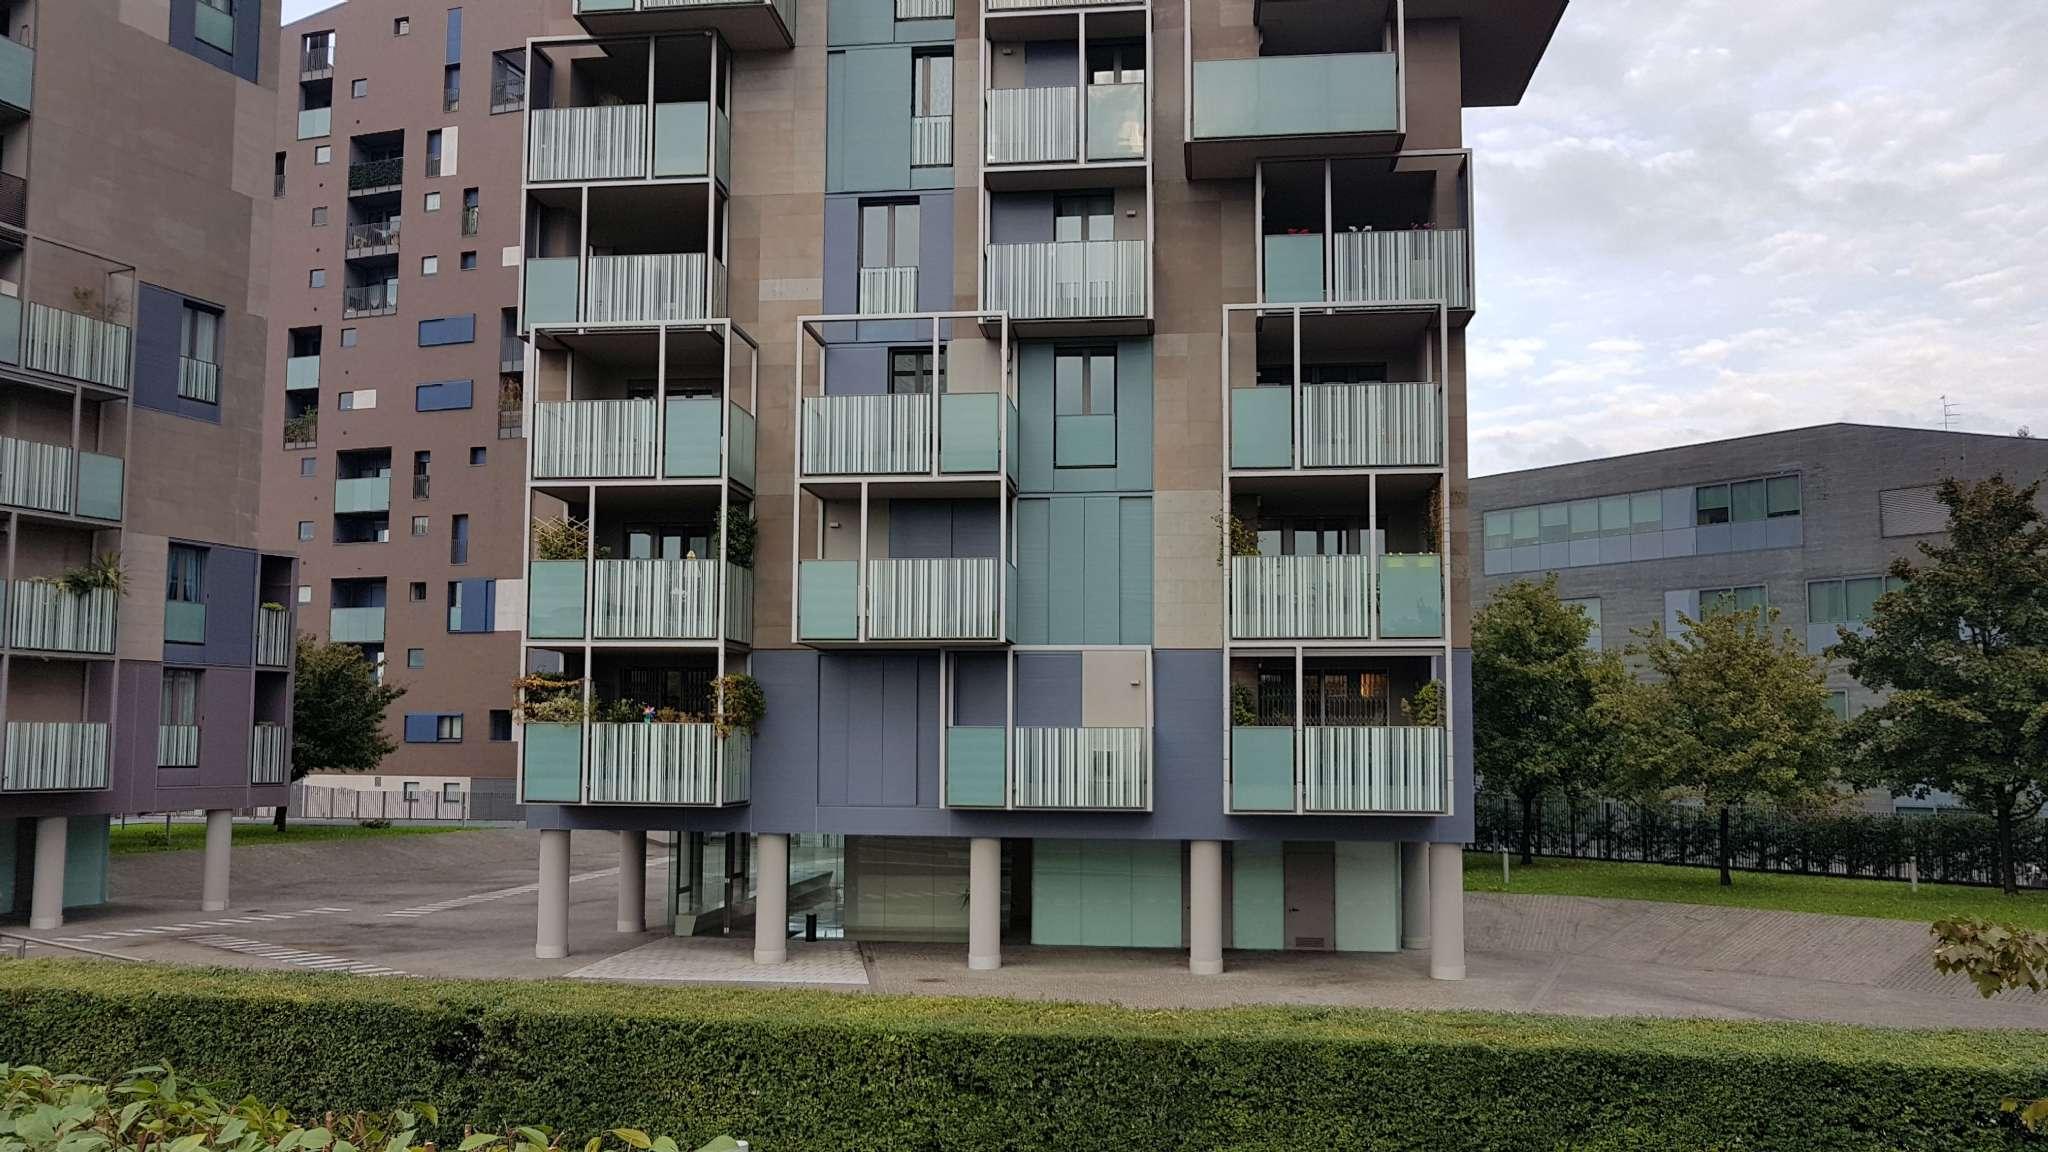 Appartamento in Vendita a Milano 17 Marghera / Wagner / Fiera: 1 locali, 50 mq